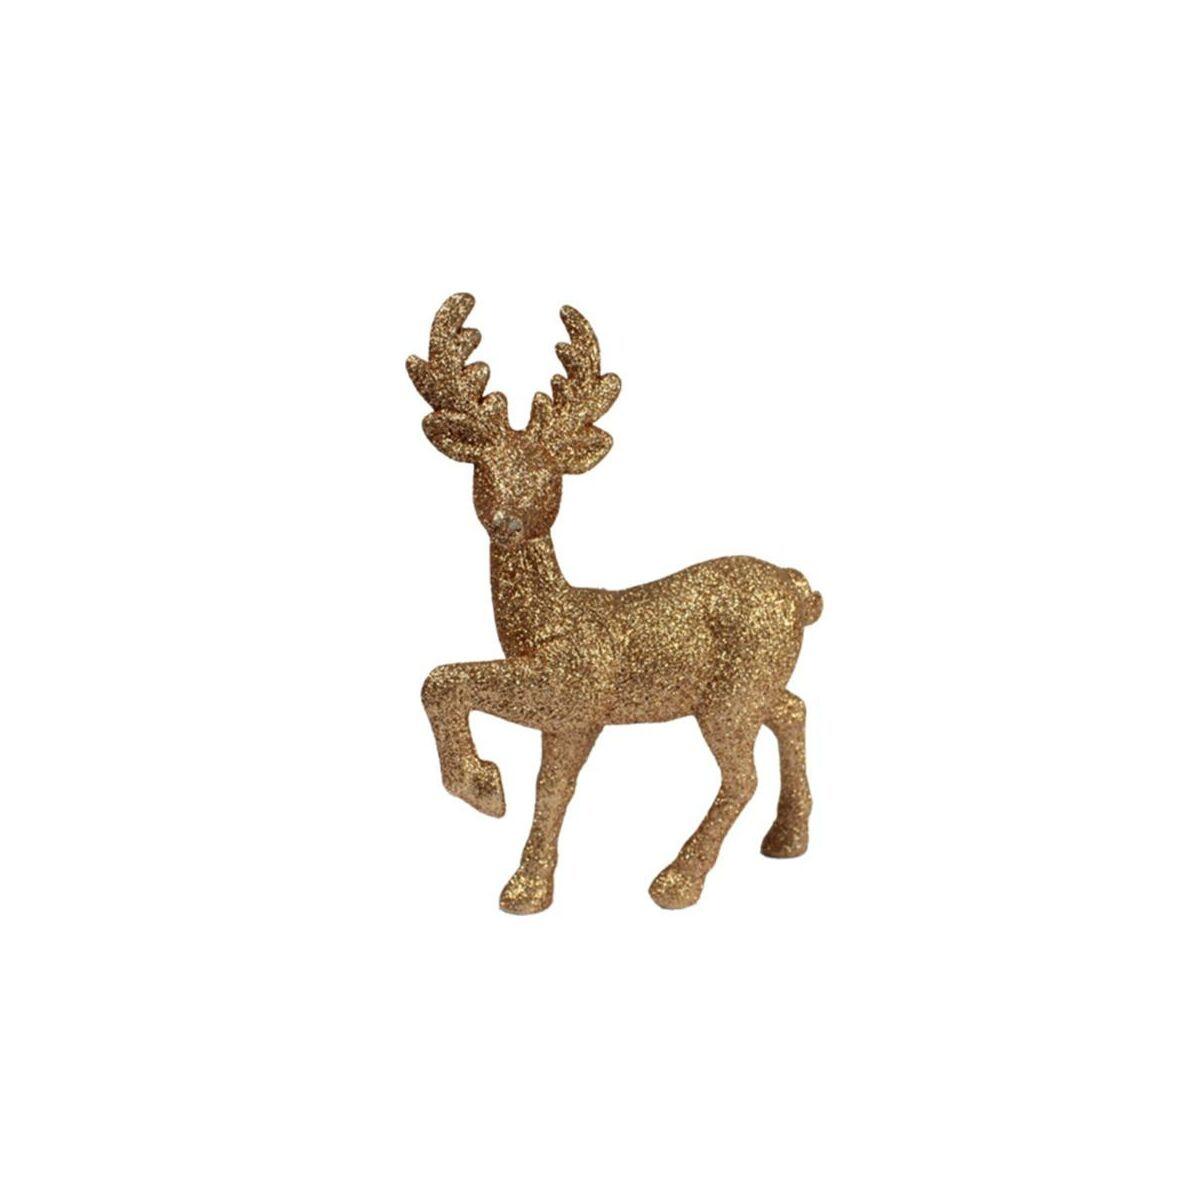 Figurka Zloty Jelen 20 Cm Swieczniki I Dekoracje Swiateczne W Atrakcyjnej Cenie W Sklepach Leroy Merlin